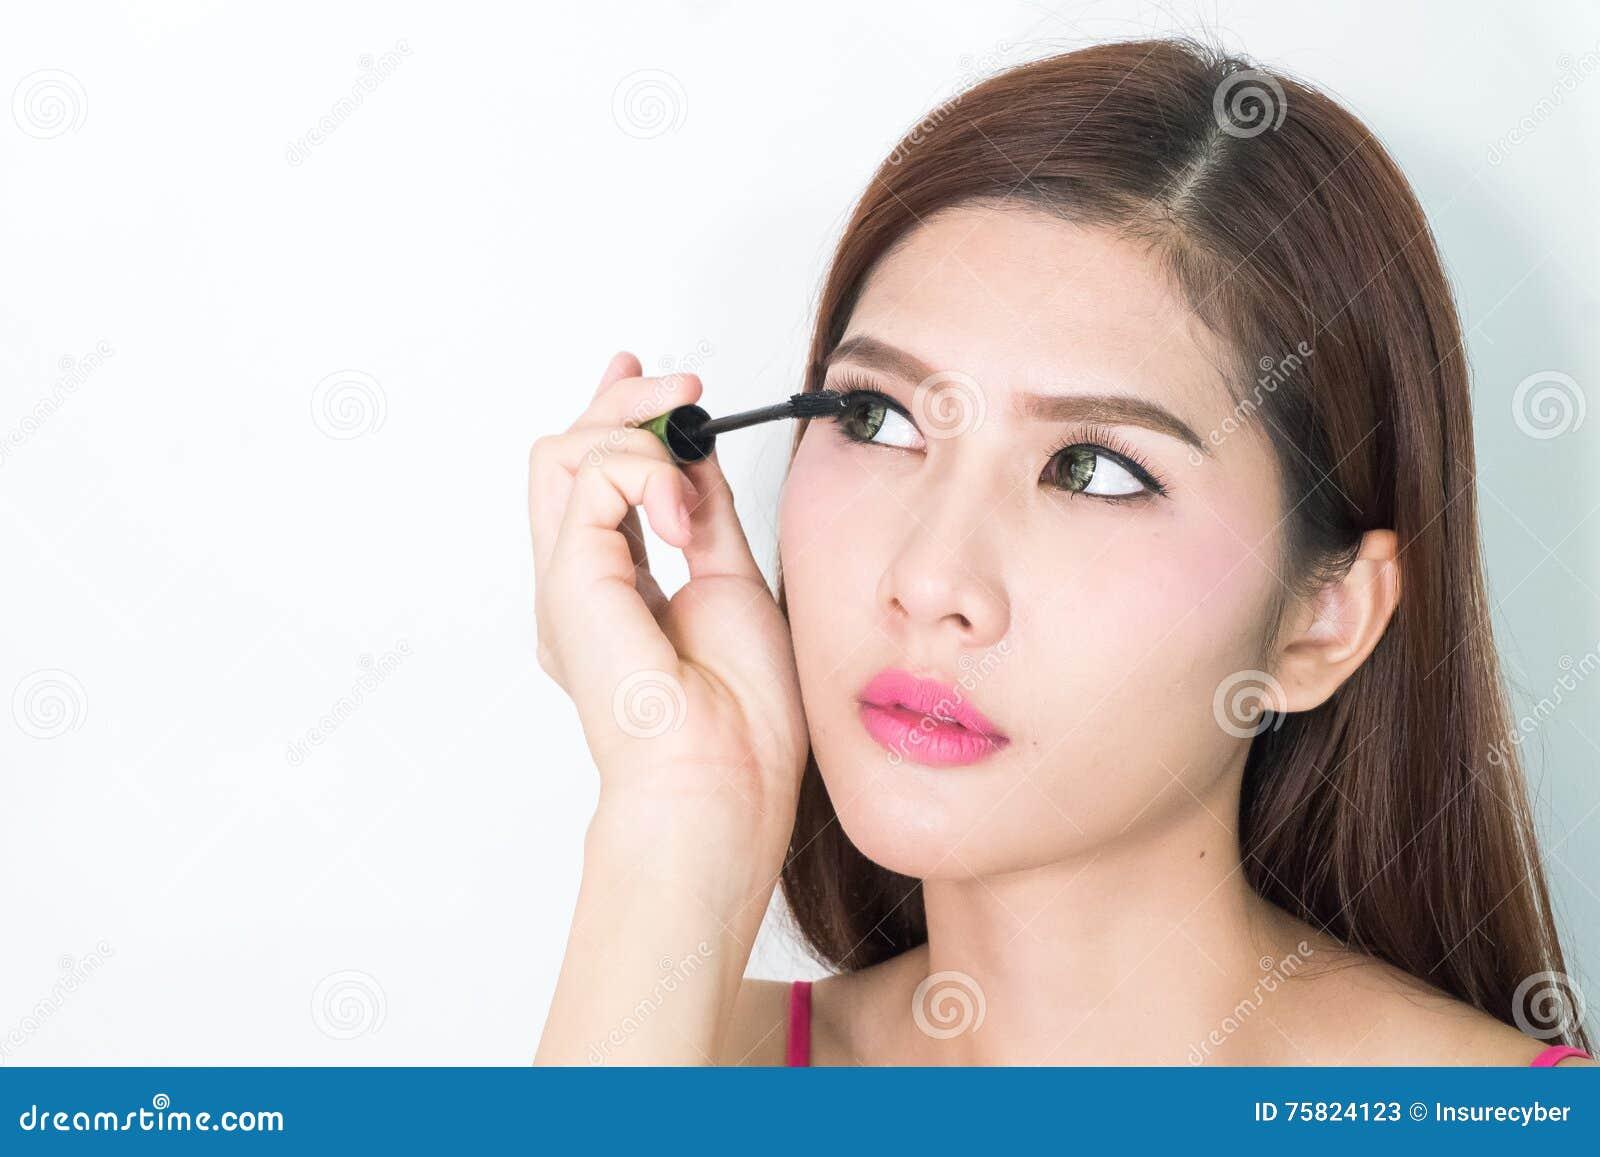 Putting on eye makeup